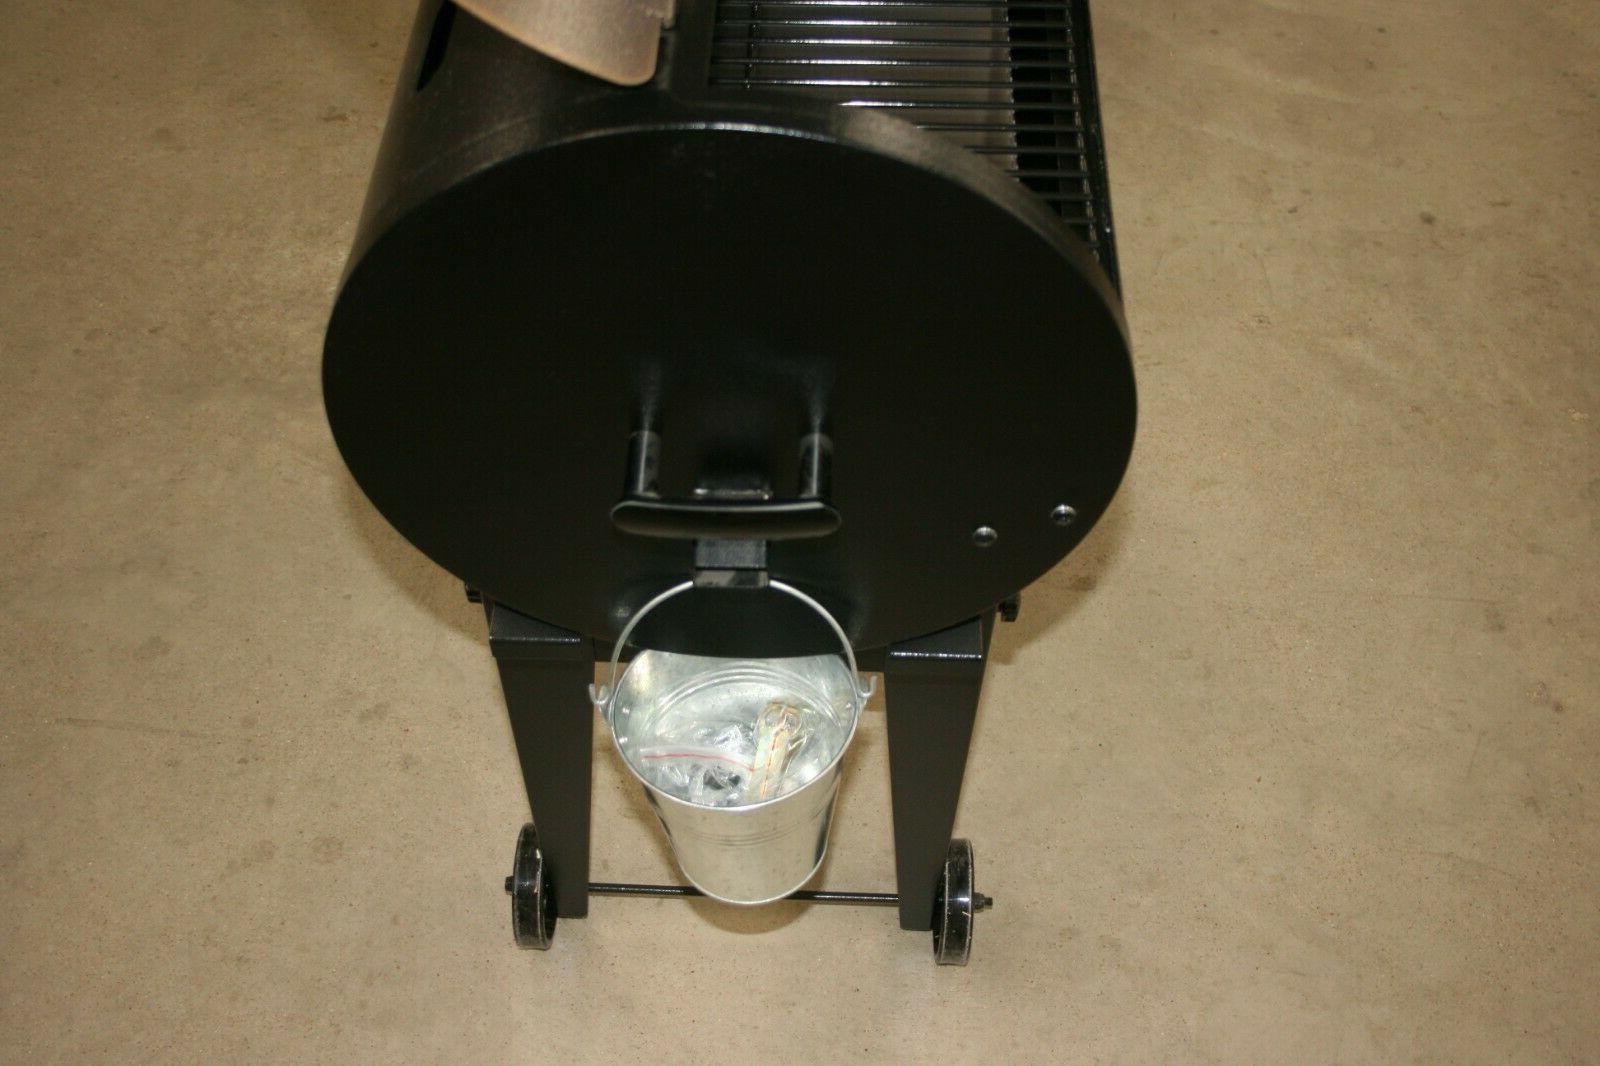 Traeger Electric Pellet